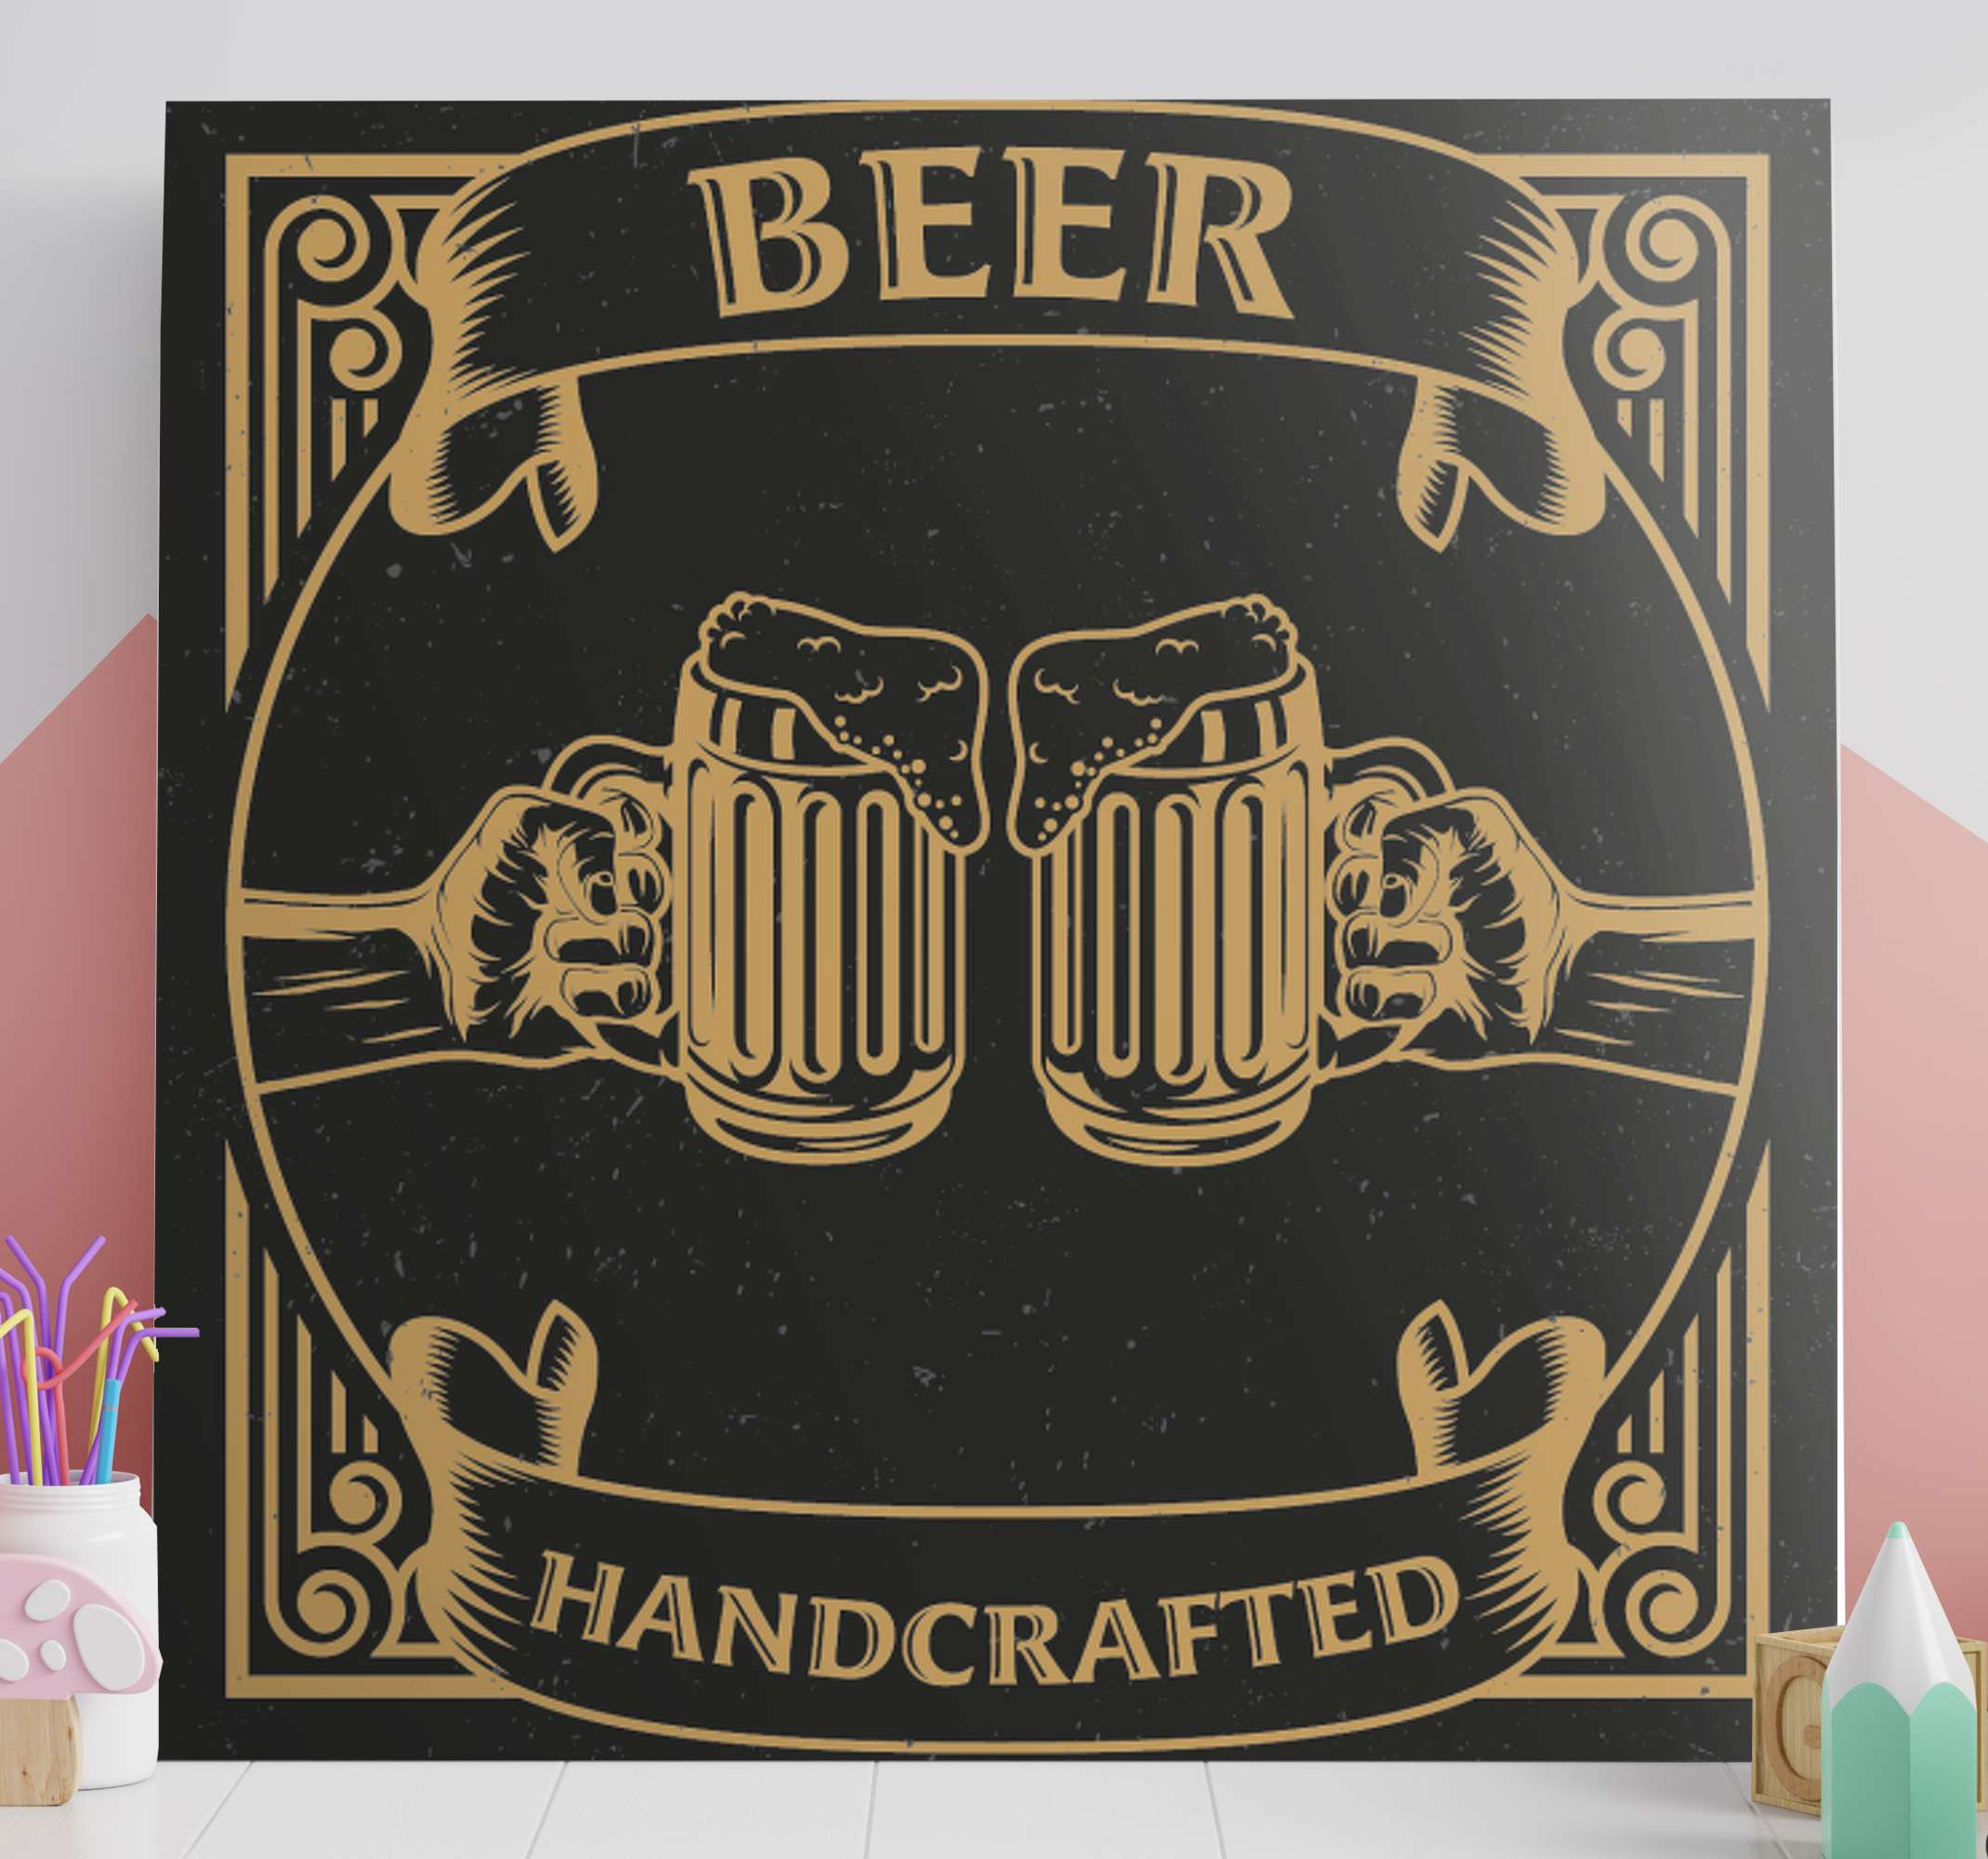 TenStickers. Bares rusticos cerveza деревенский холст стены искусства. печать на холсте с пивными кружками. узор представляет собой две пивные пинты на темно-коричневом фоне. выполнен из качественных материалов.